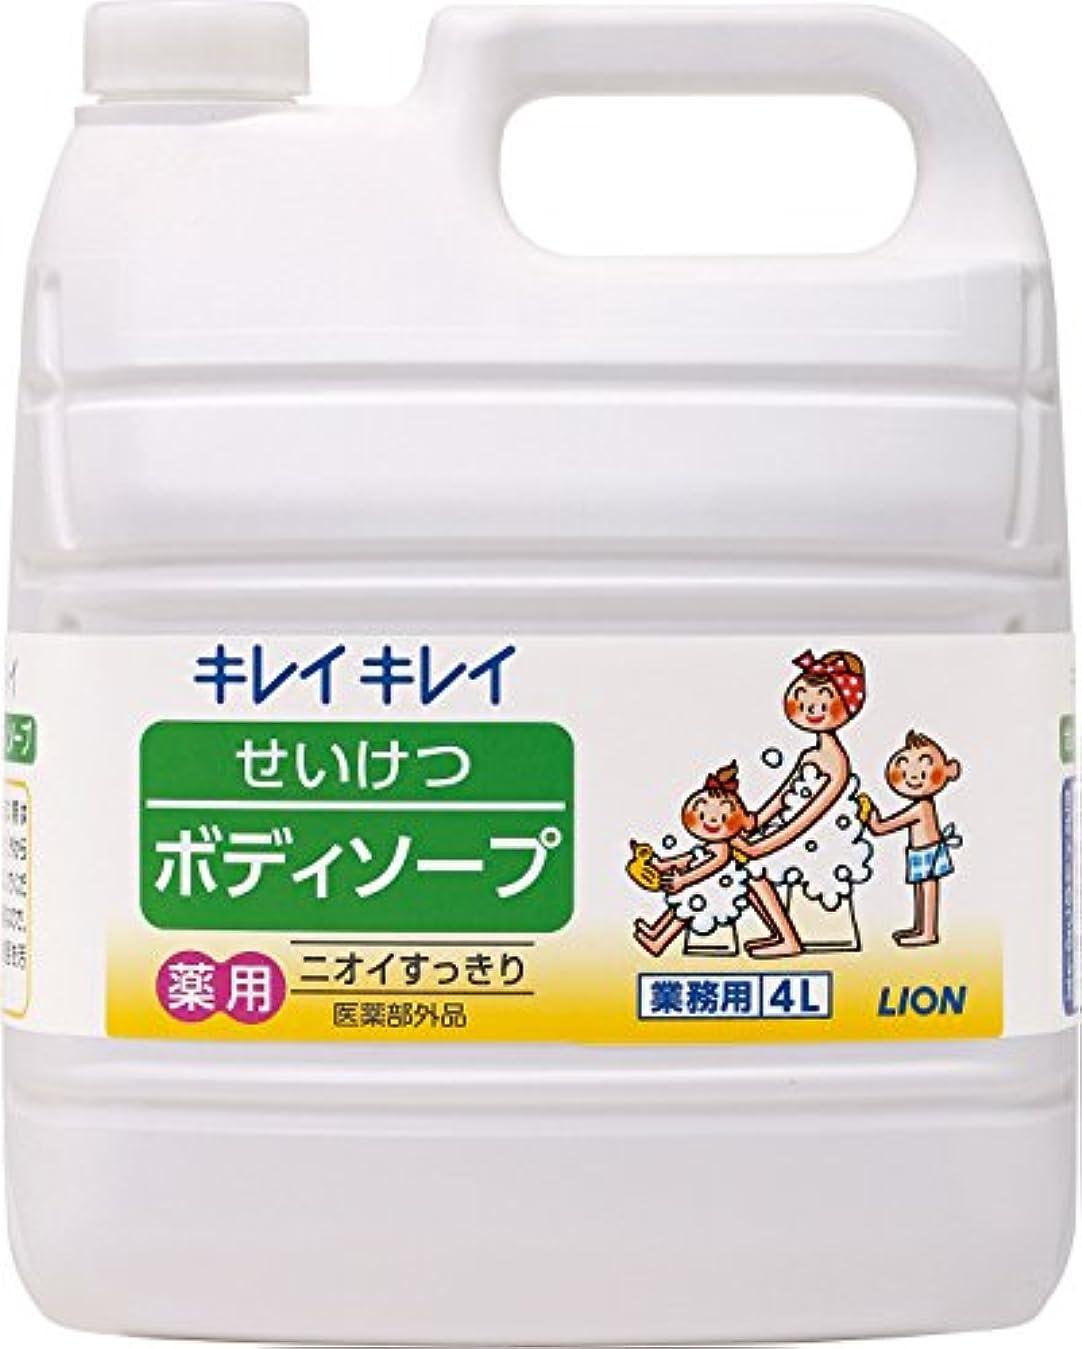 忠実法医学違反【業務用 大容量】キレイキレイ せいけつボディソープ さわやかなレモン&オレンジの香り 4L(医薬部外品)